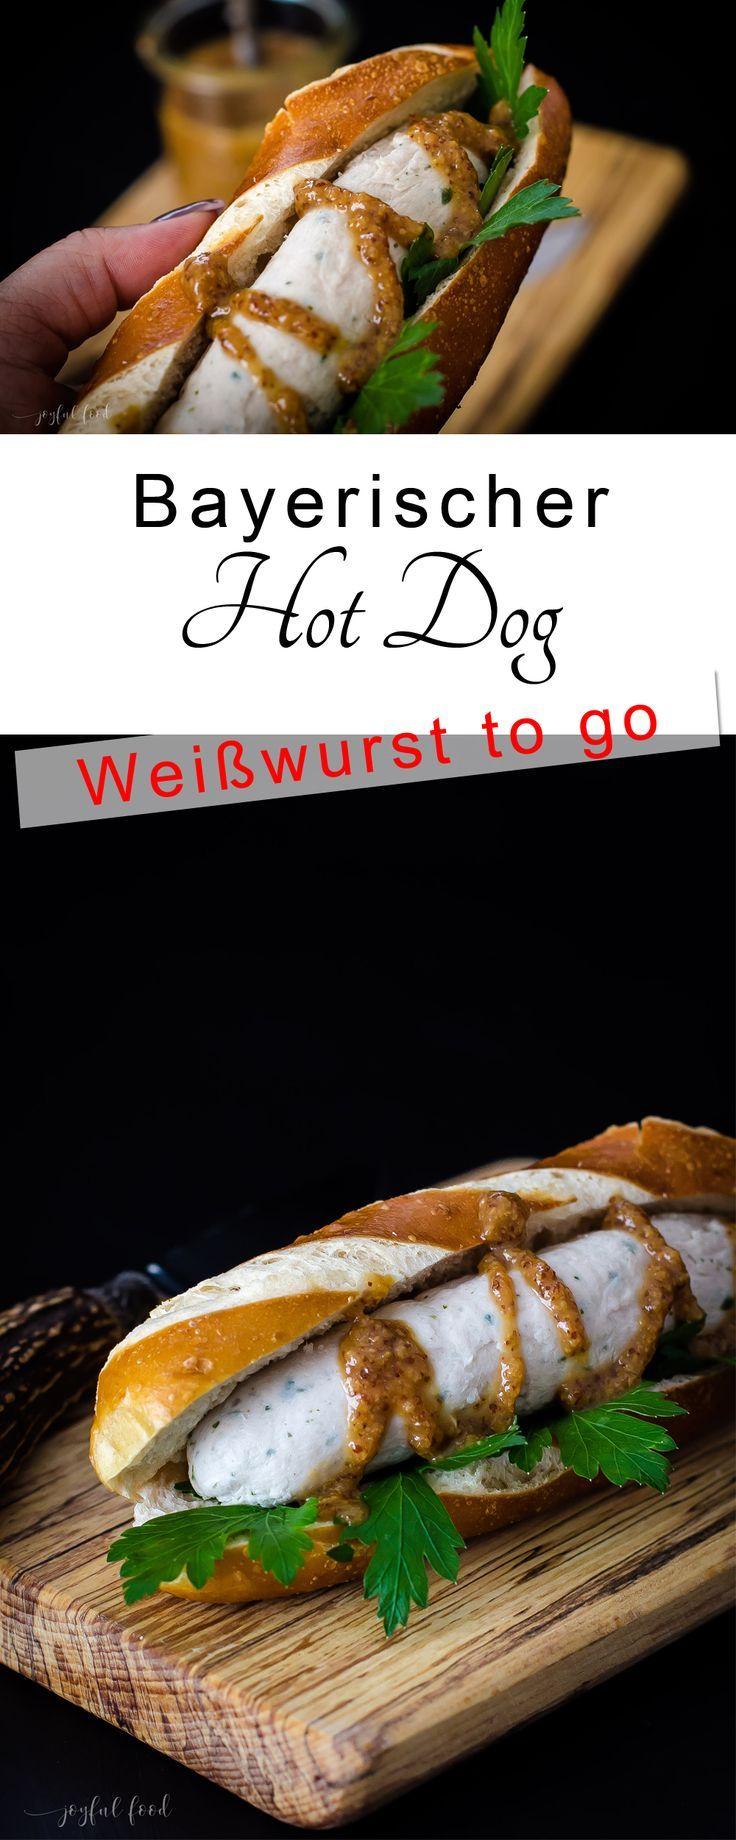 Bayerischer Hot Dog – Weißwurst to go – Bayerische Schmankerl – An Guaden!